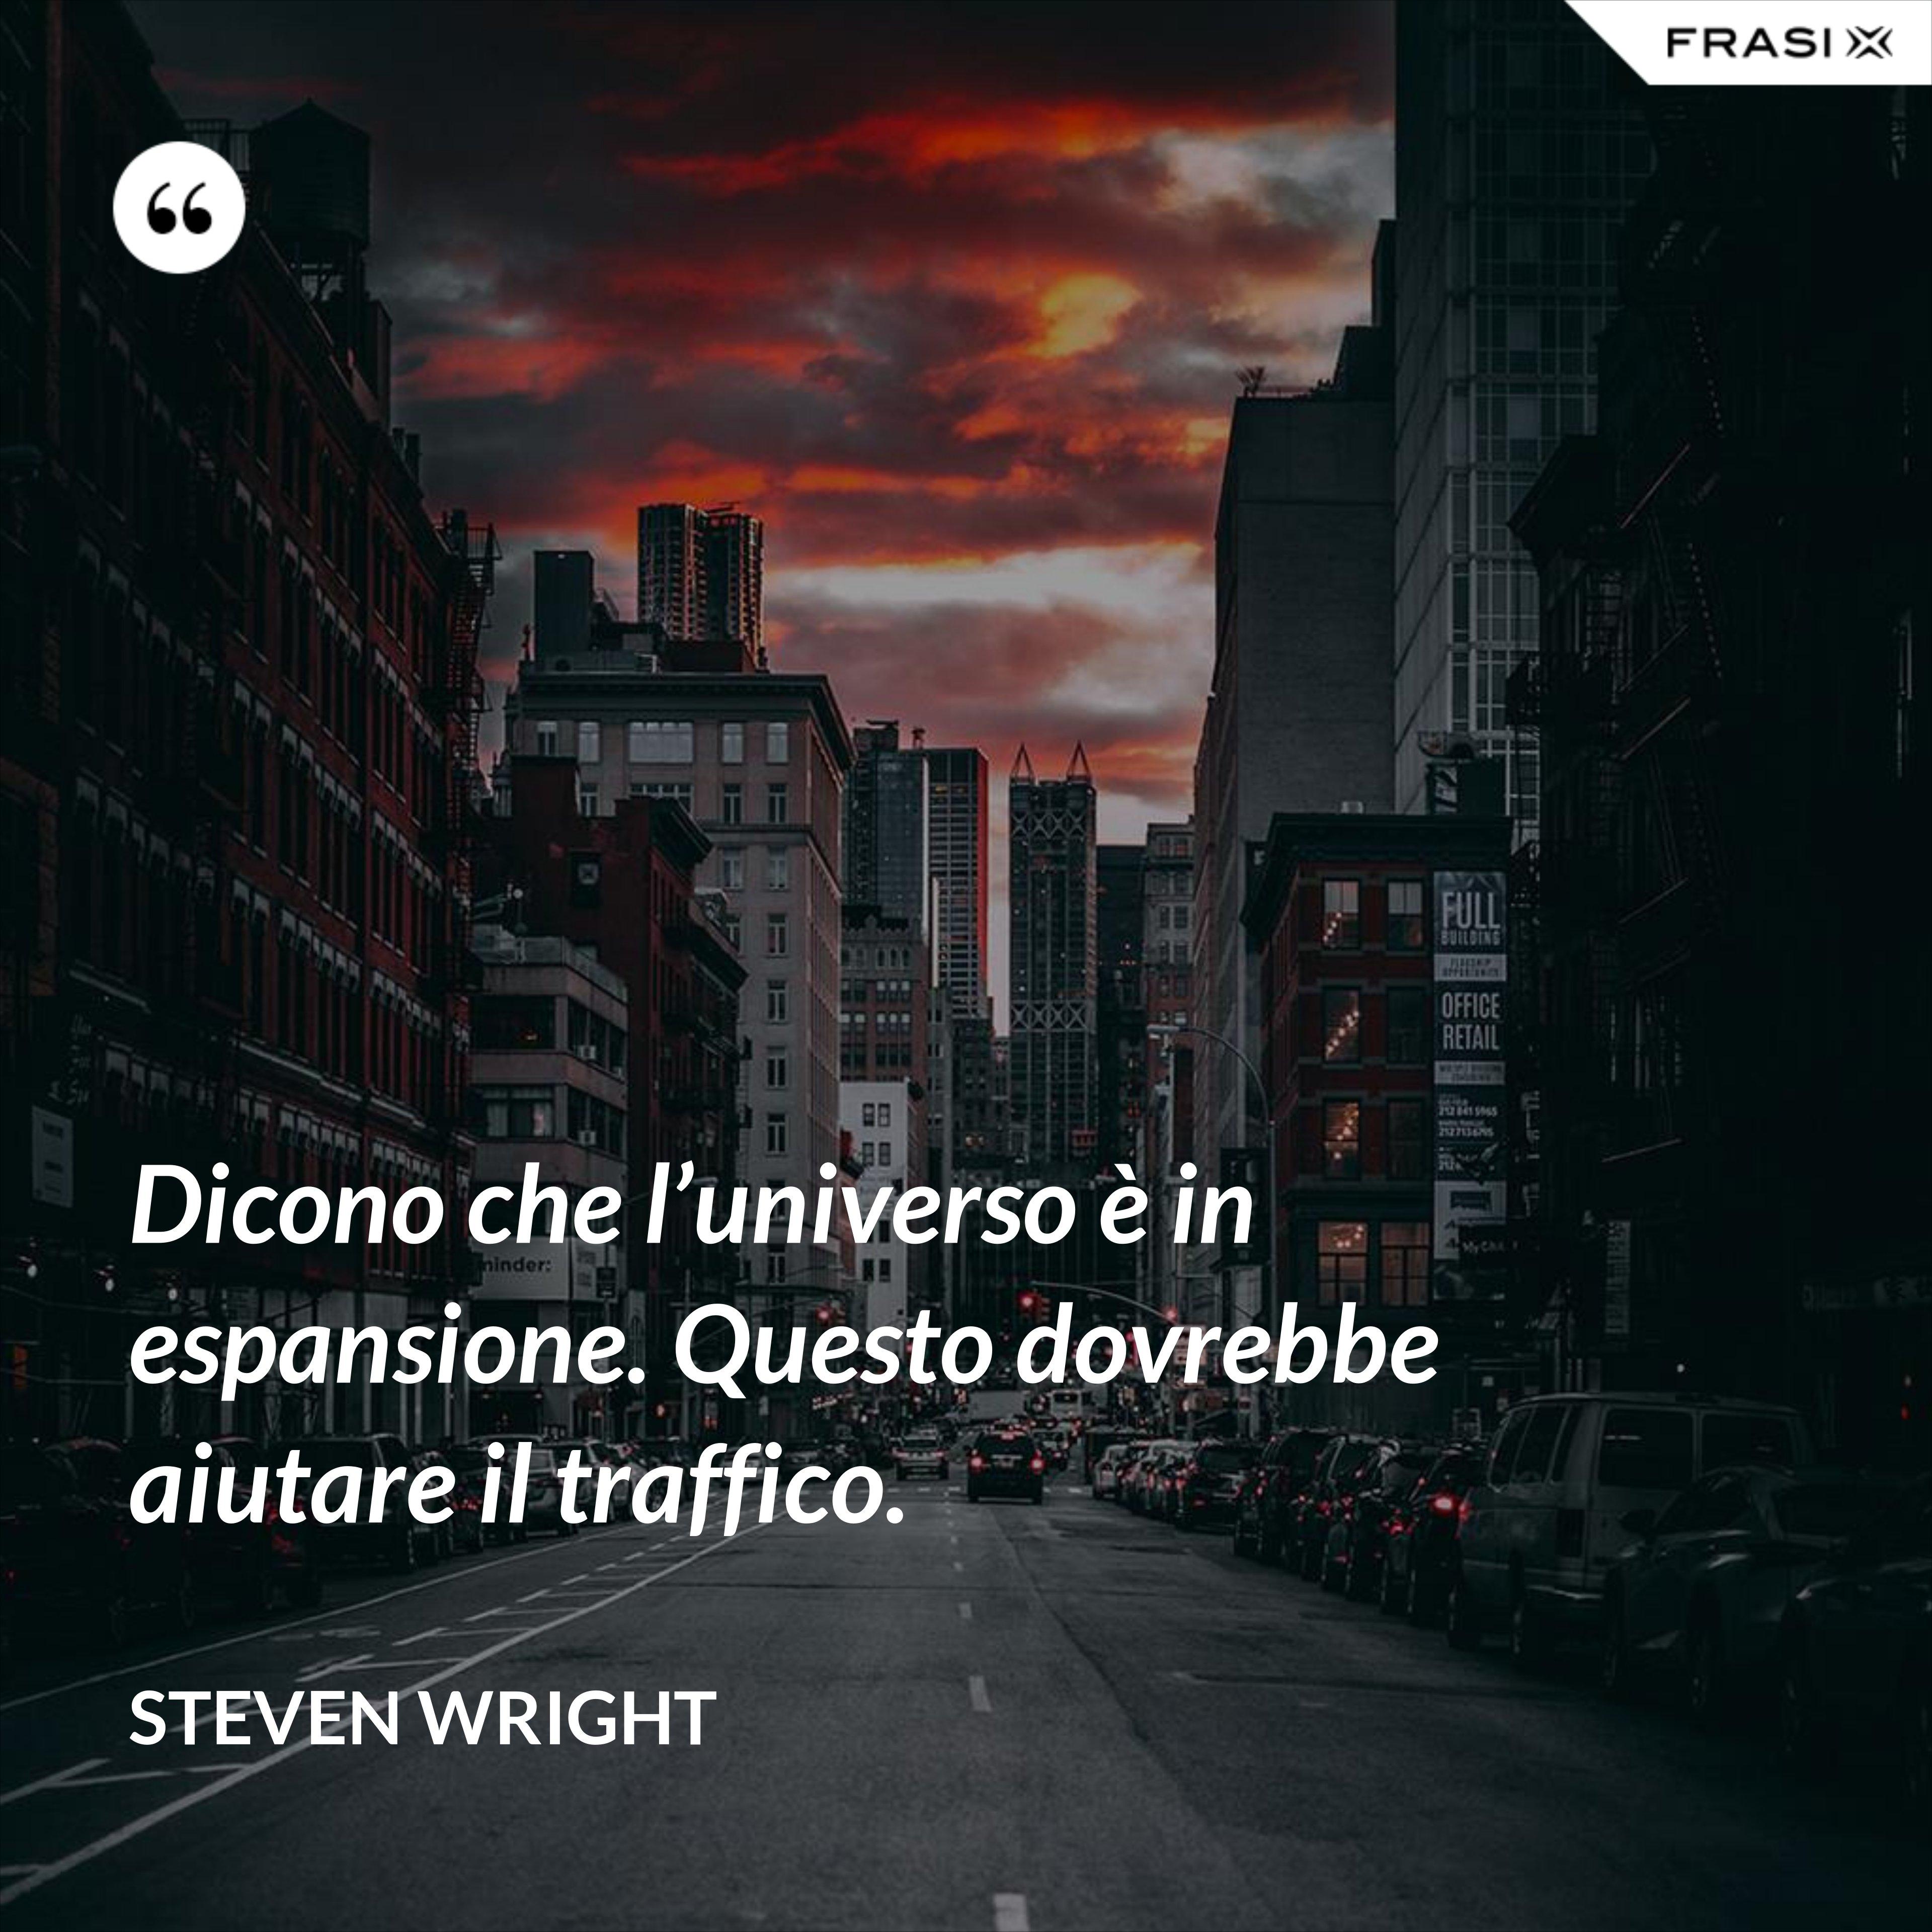 Dicono che l'universo è in espansione. Questo dovrebbe aiutare il traffico. - Steven Wright